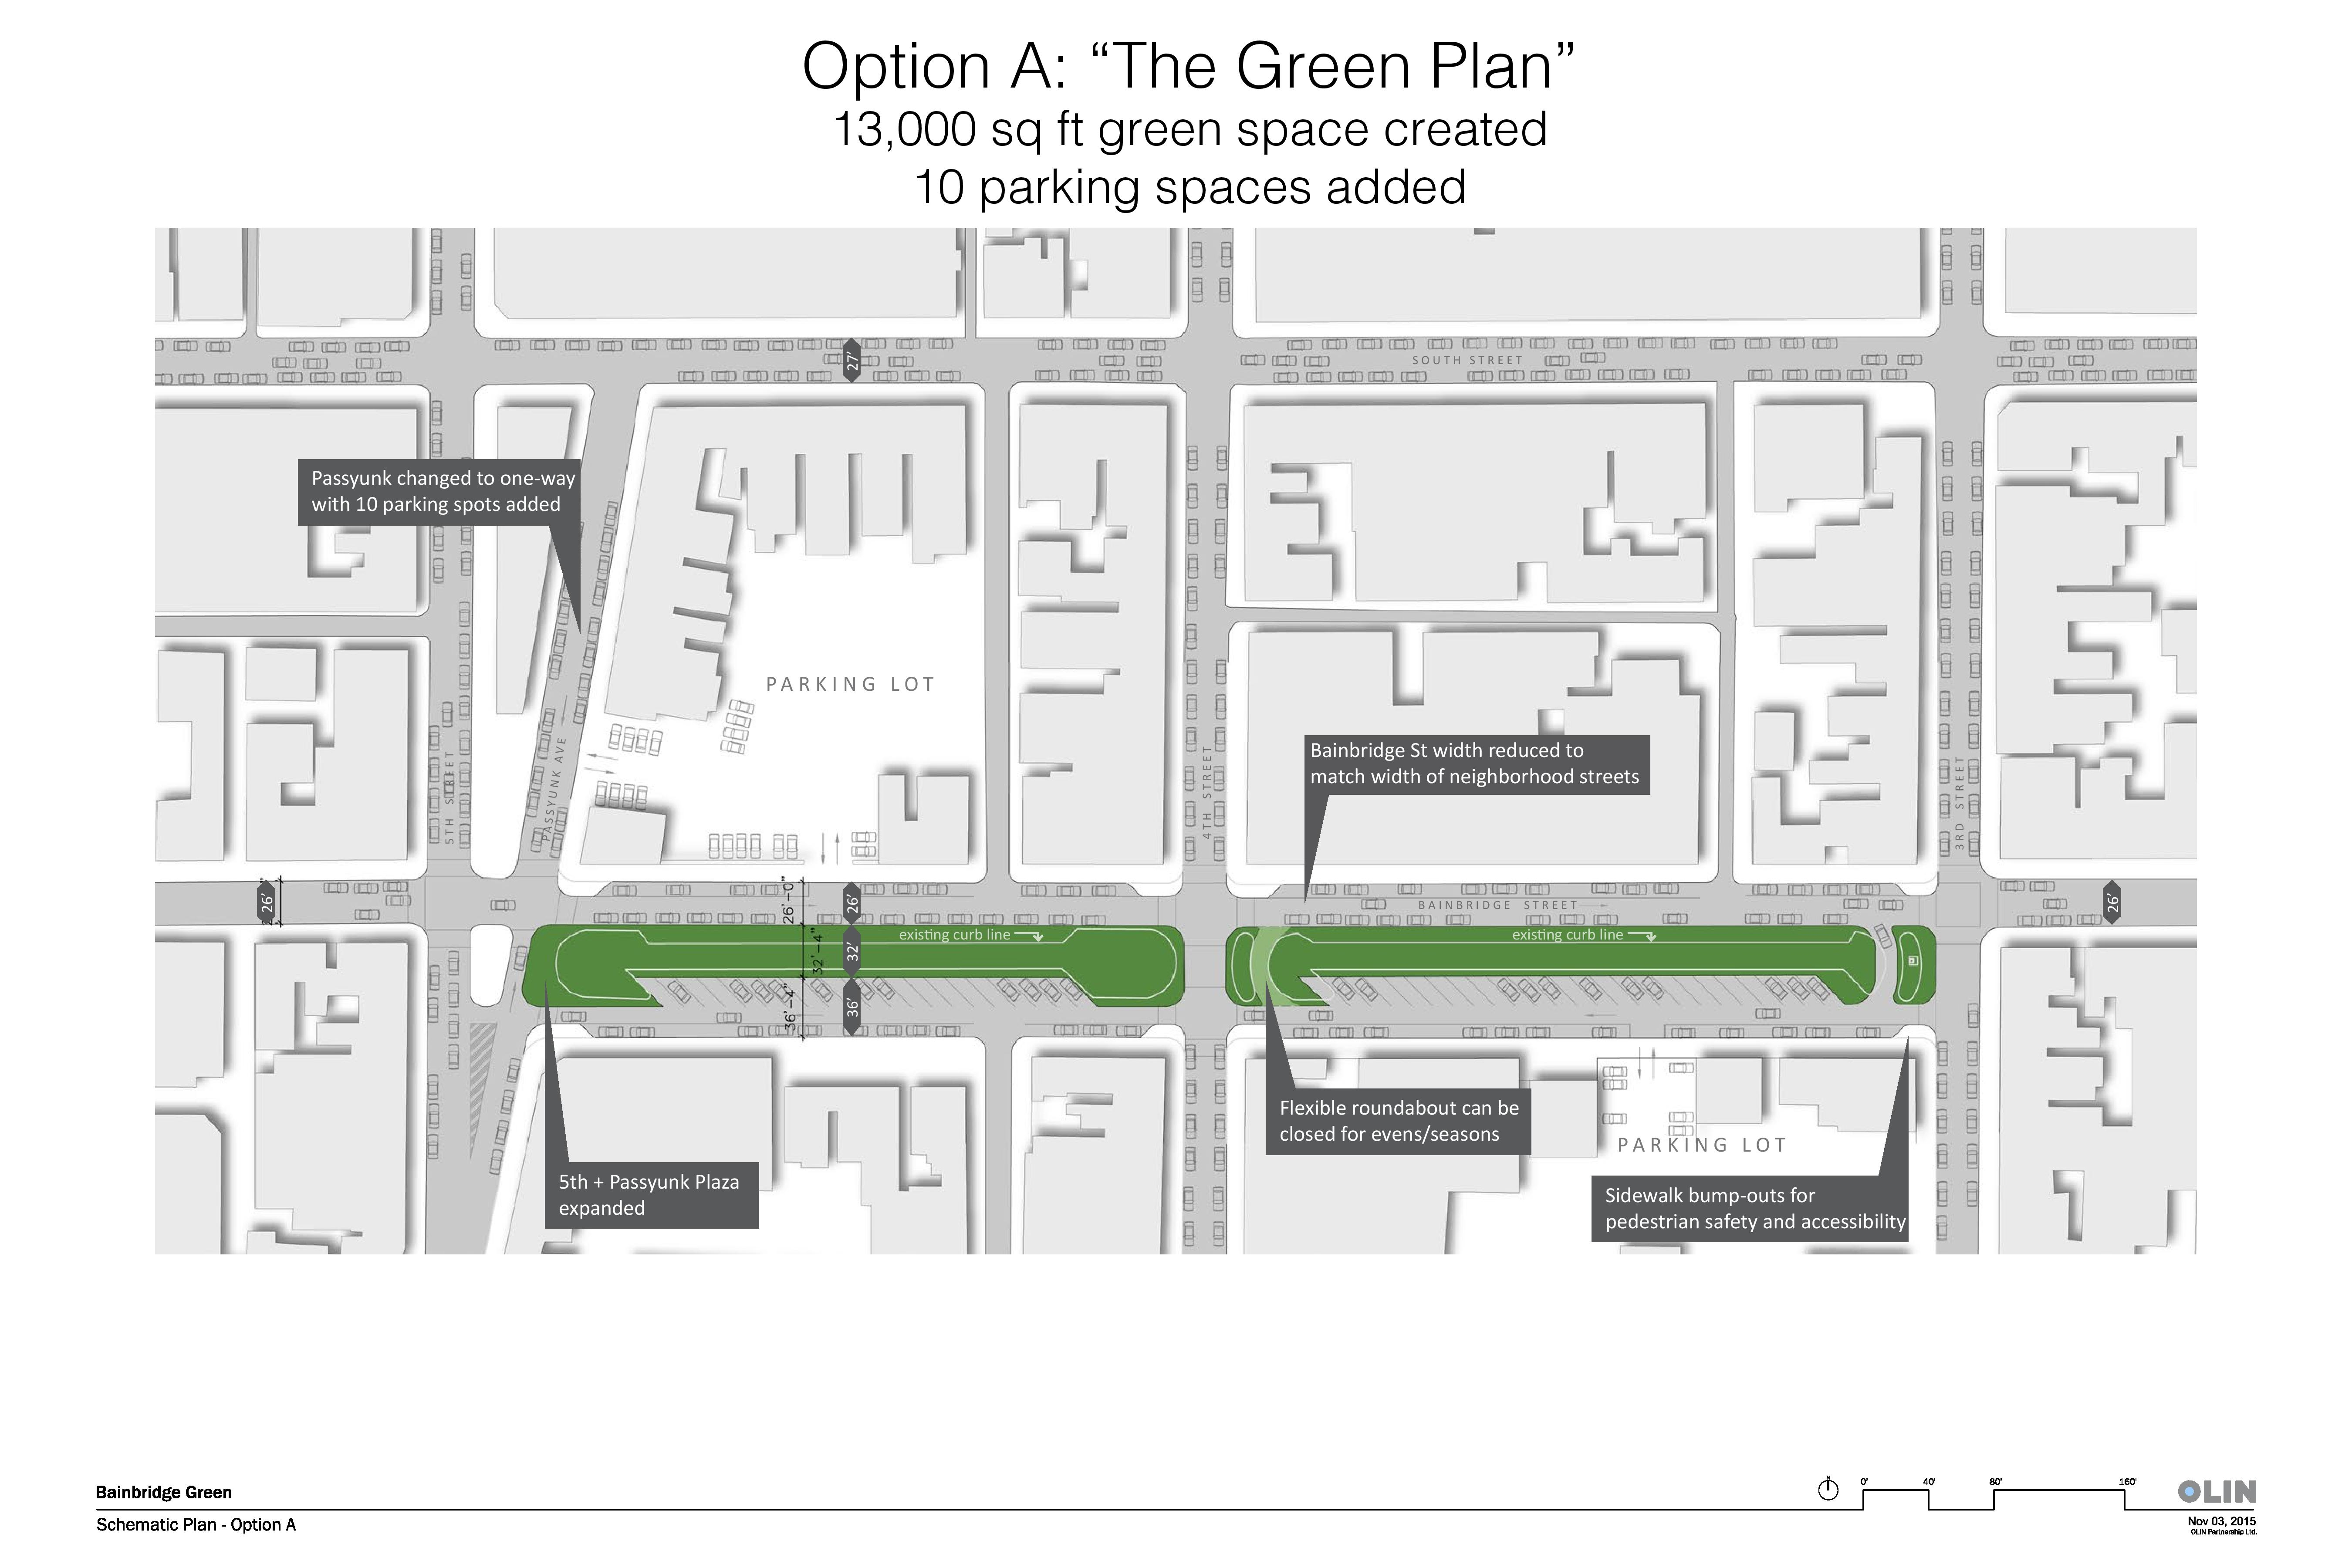 bainbridge-green-option-a